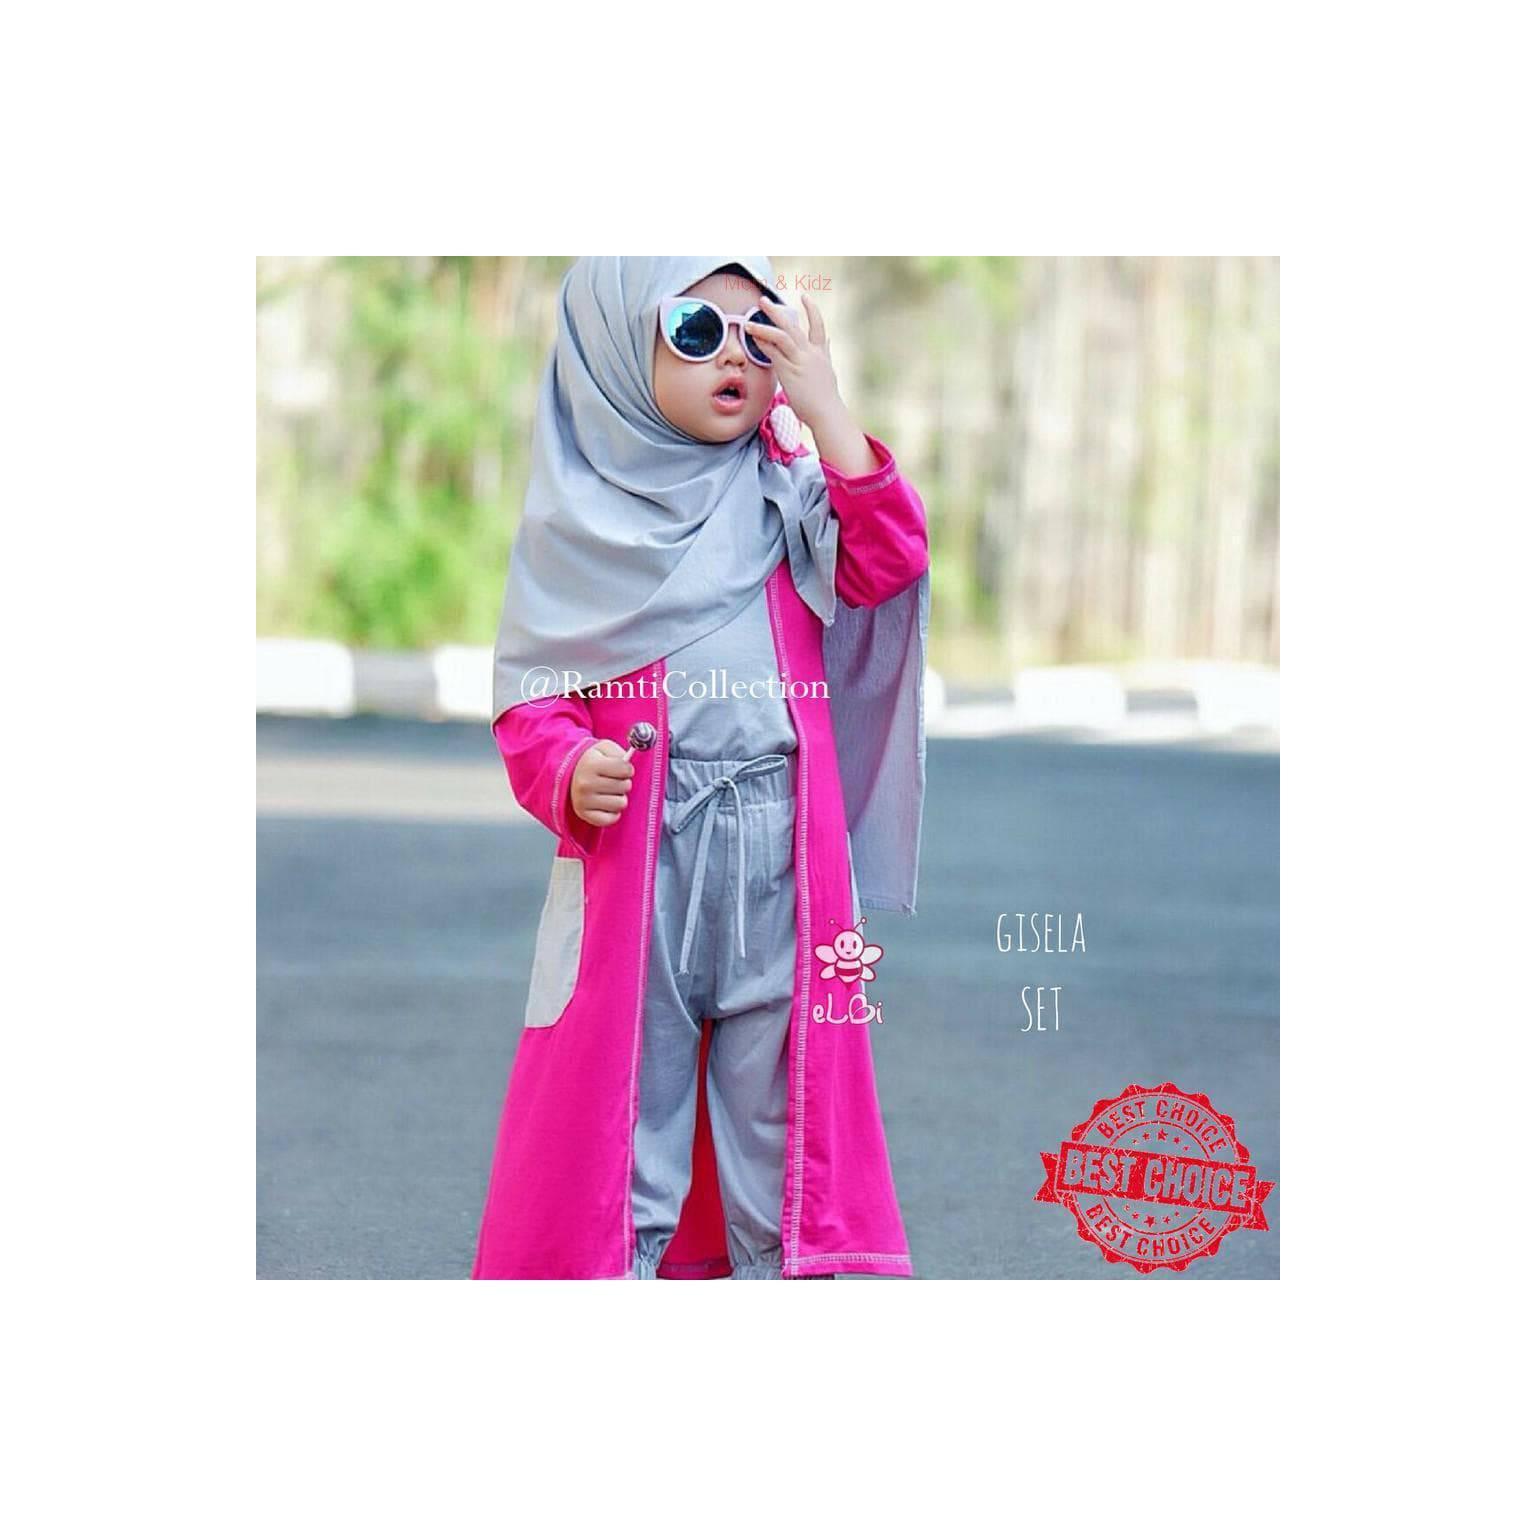 Garansi Harga Termurah Elbi-Baju Muslim Anak Manado I Gisela Bahan